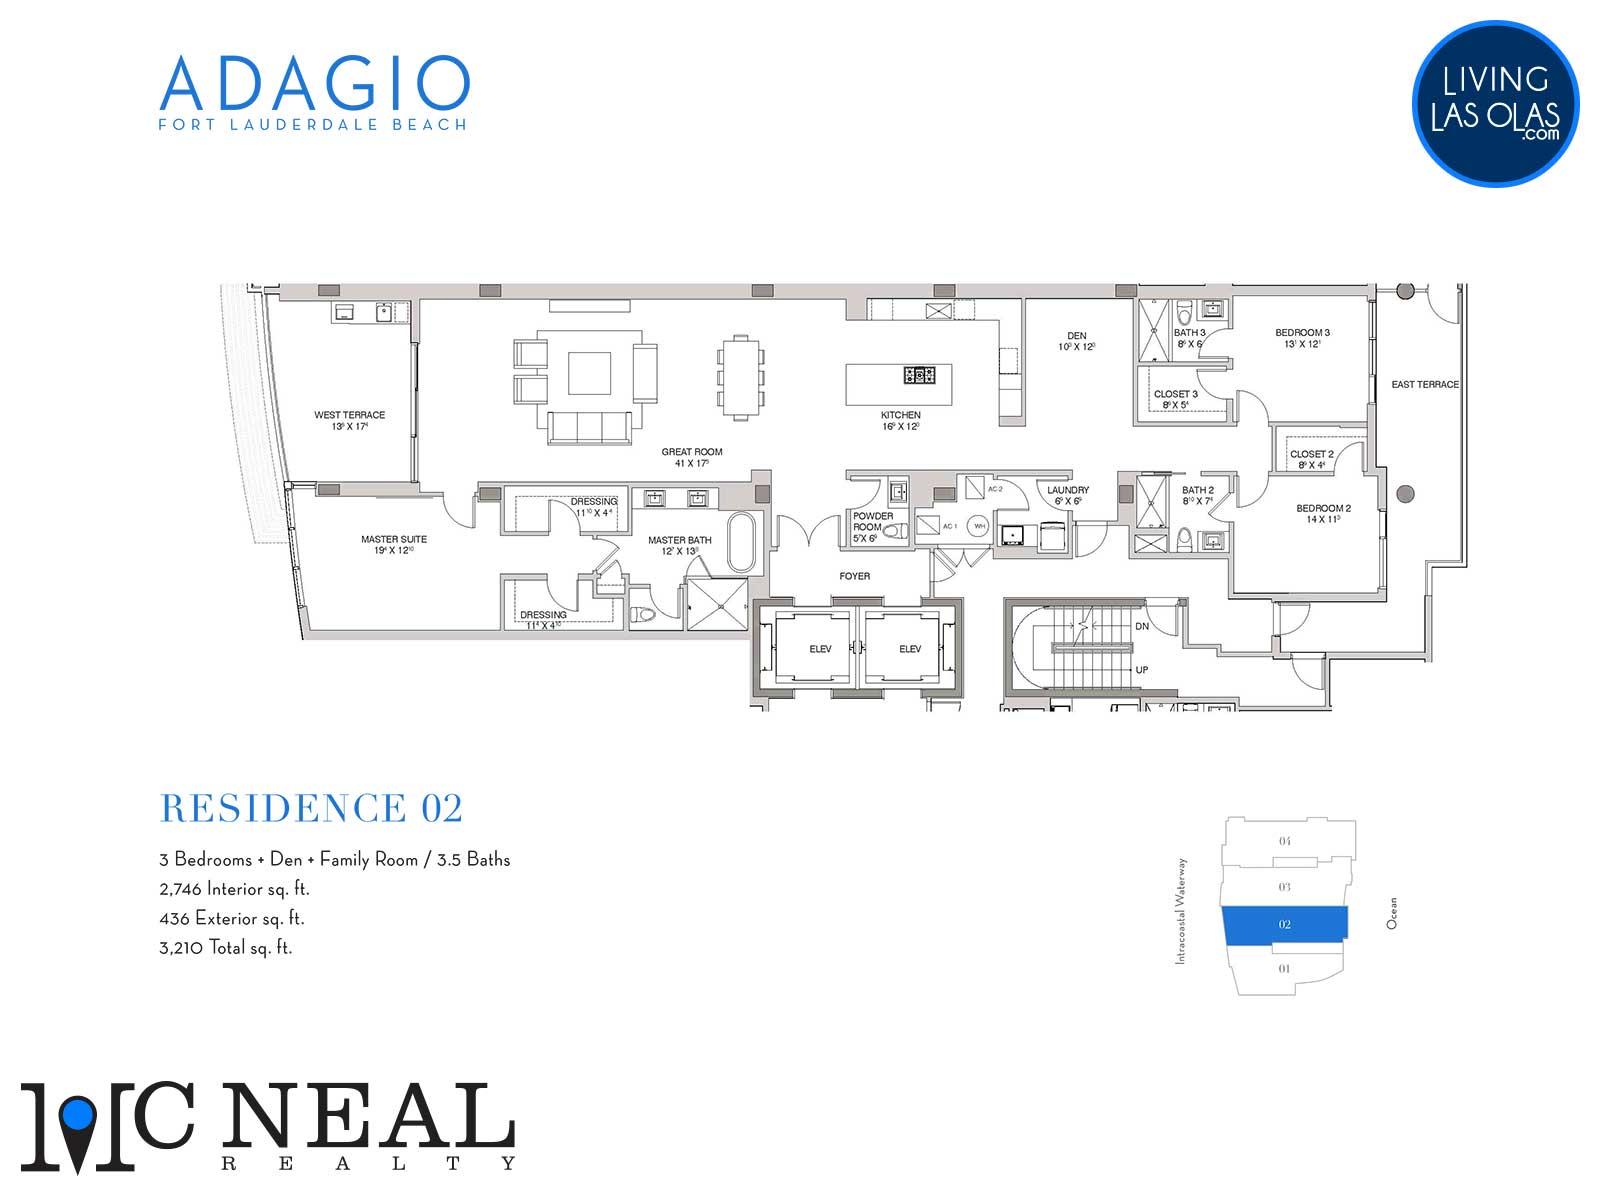 Adagio Fort Lauderdale Beach Condos Floor Plans Residence 02